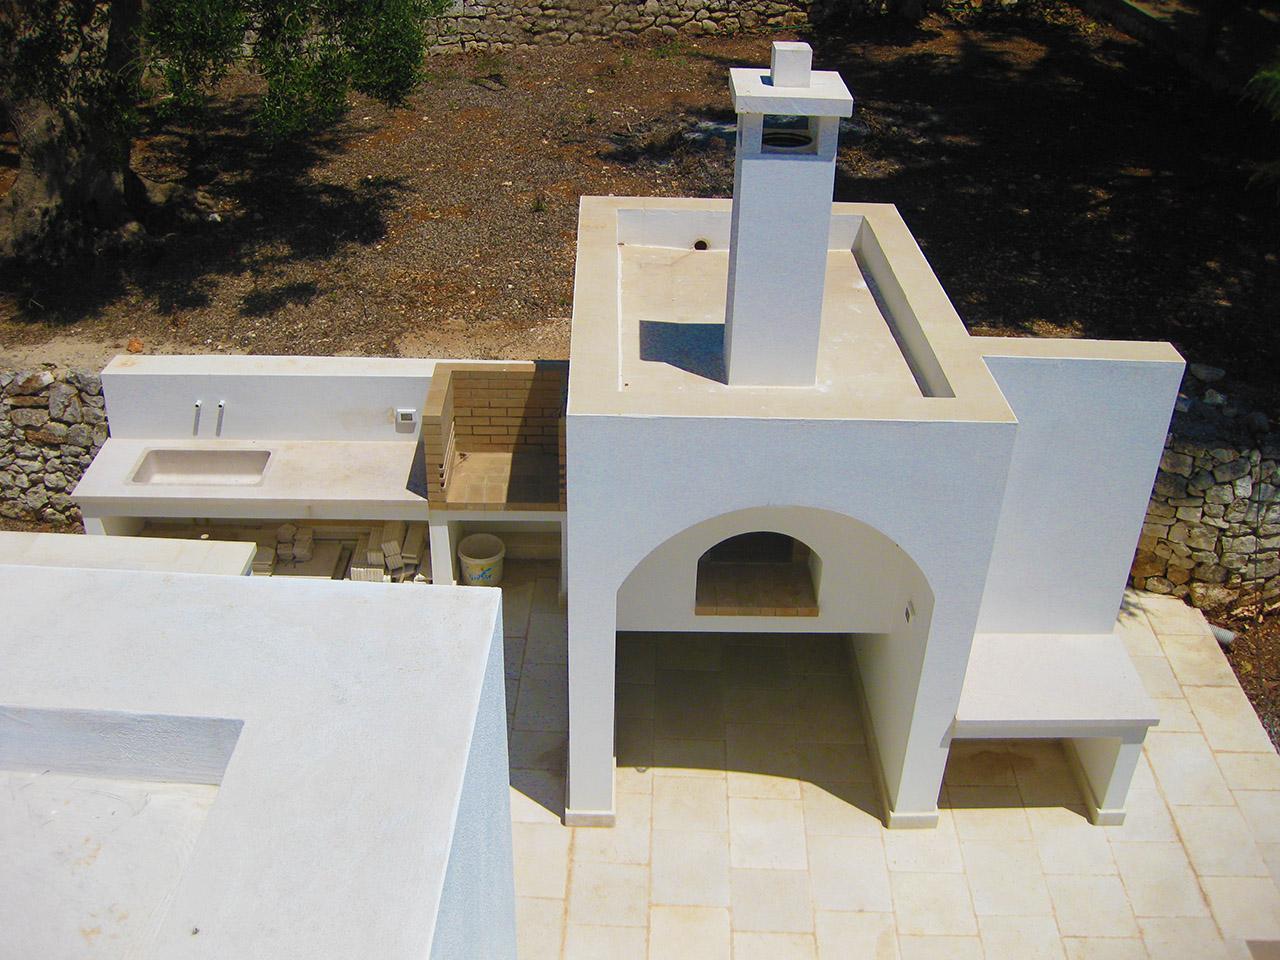 costruzioni restauri sirio ostuni residenza privata peraro ostuni img 6728